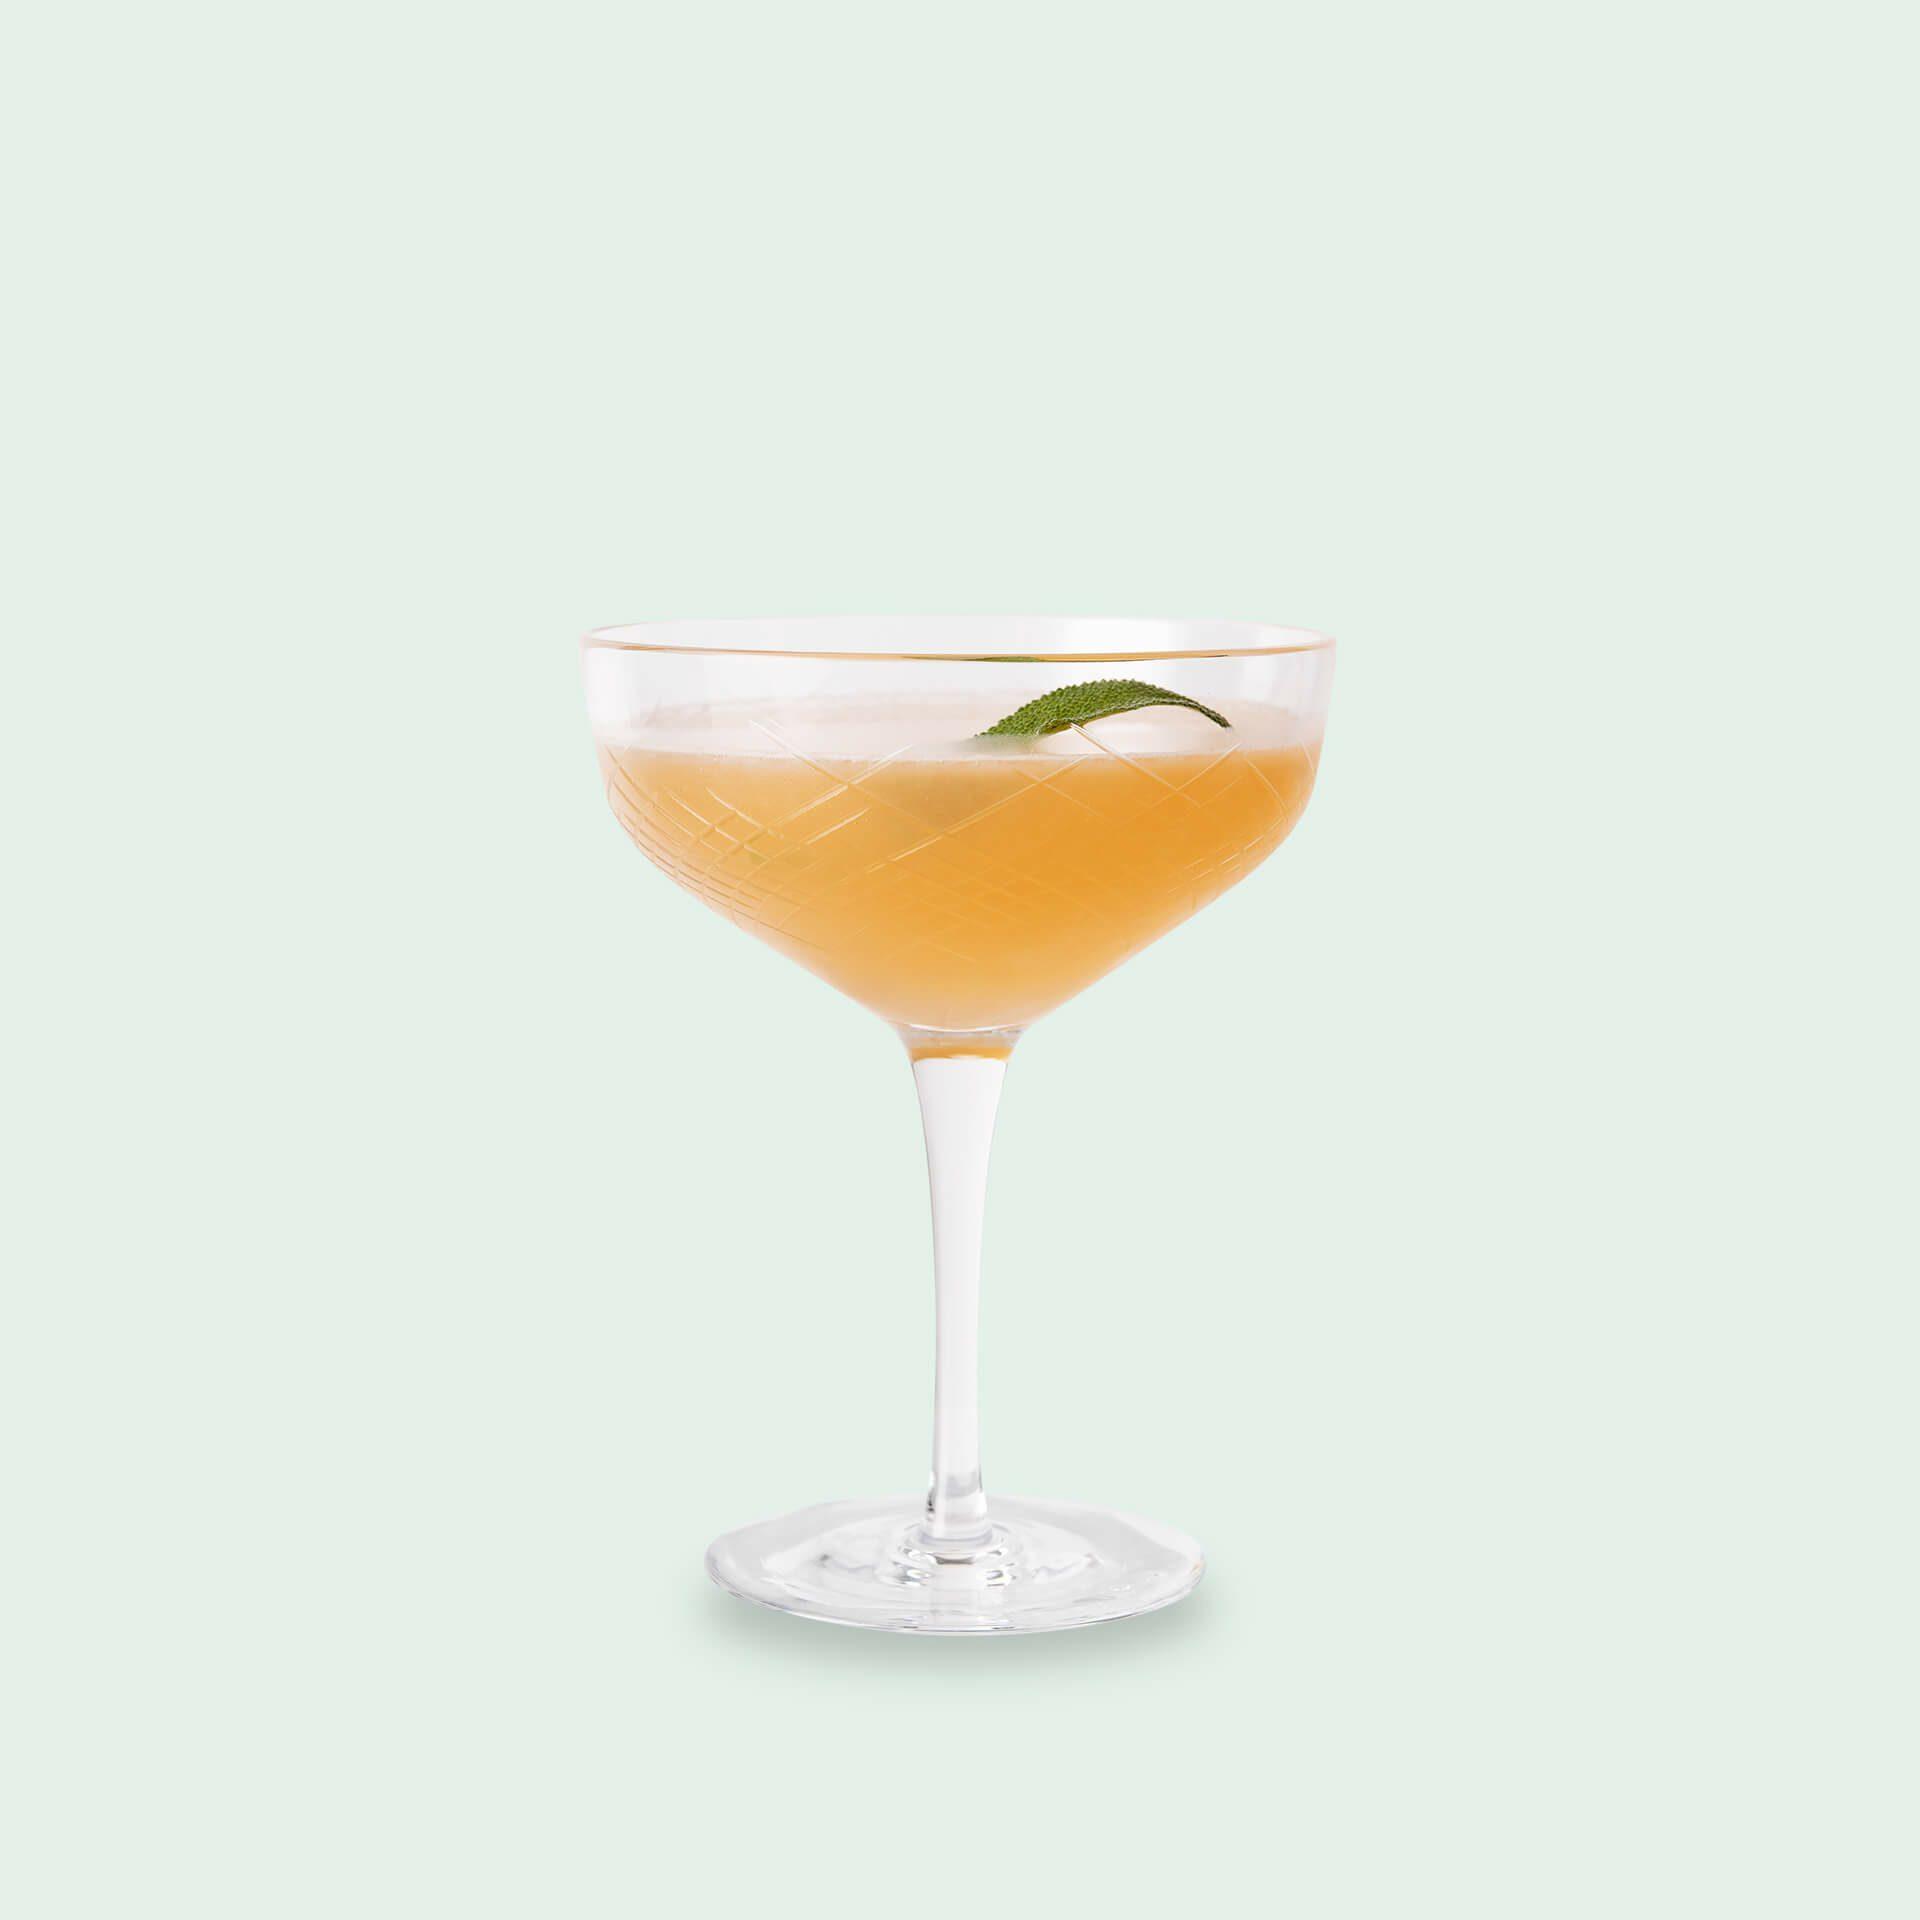 Rum Cocktail Daiquiri mit Salbei aus dem Rum Cocktail Set von Drink Syndikat